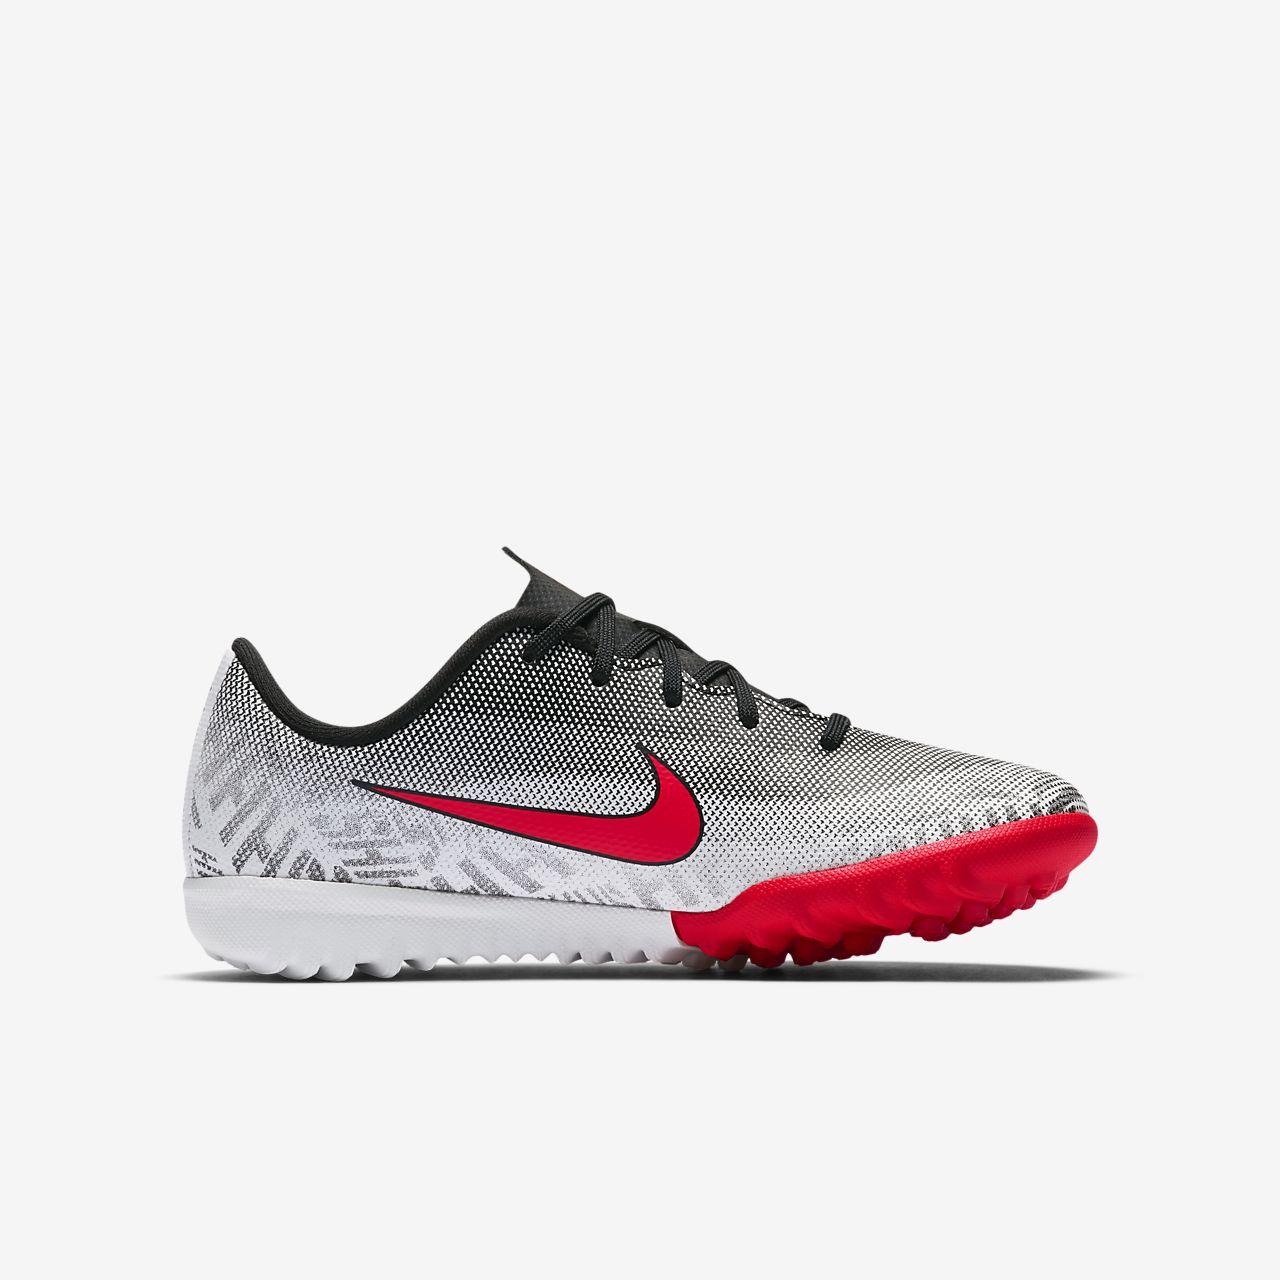 ... Calzado de fútbol para terreno artificial para niño talla  pequeña grande Nike Jr. Mercurial 376a5cd28a02e